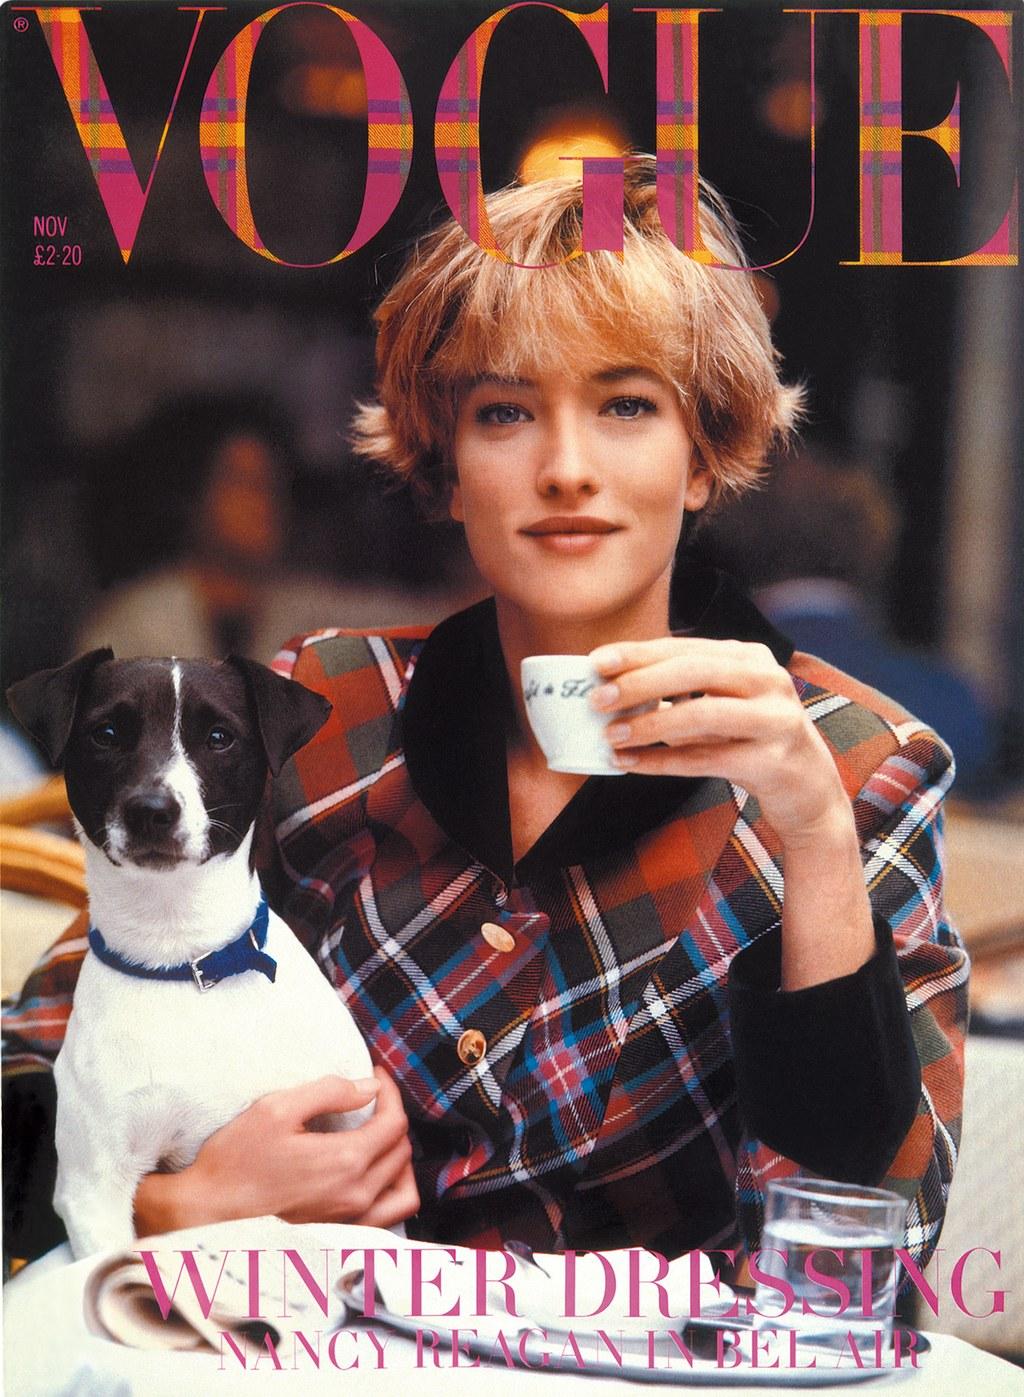 Az 1989-es VOGUE borító Tatjana Patitz modellel - Fotó: Peter Lindbergh